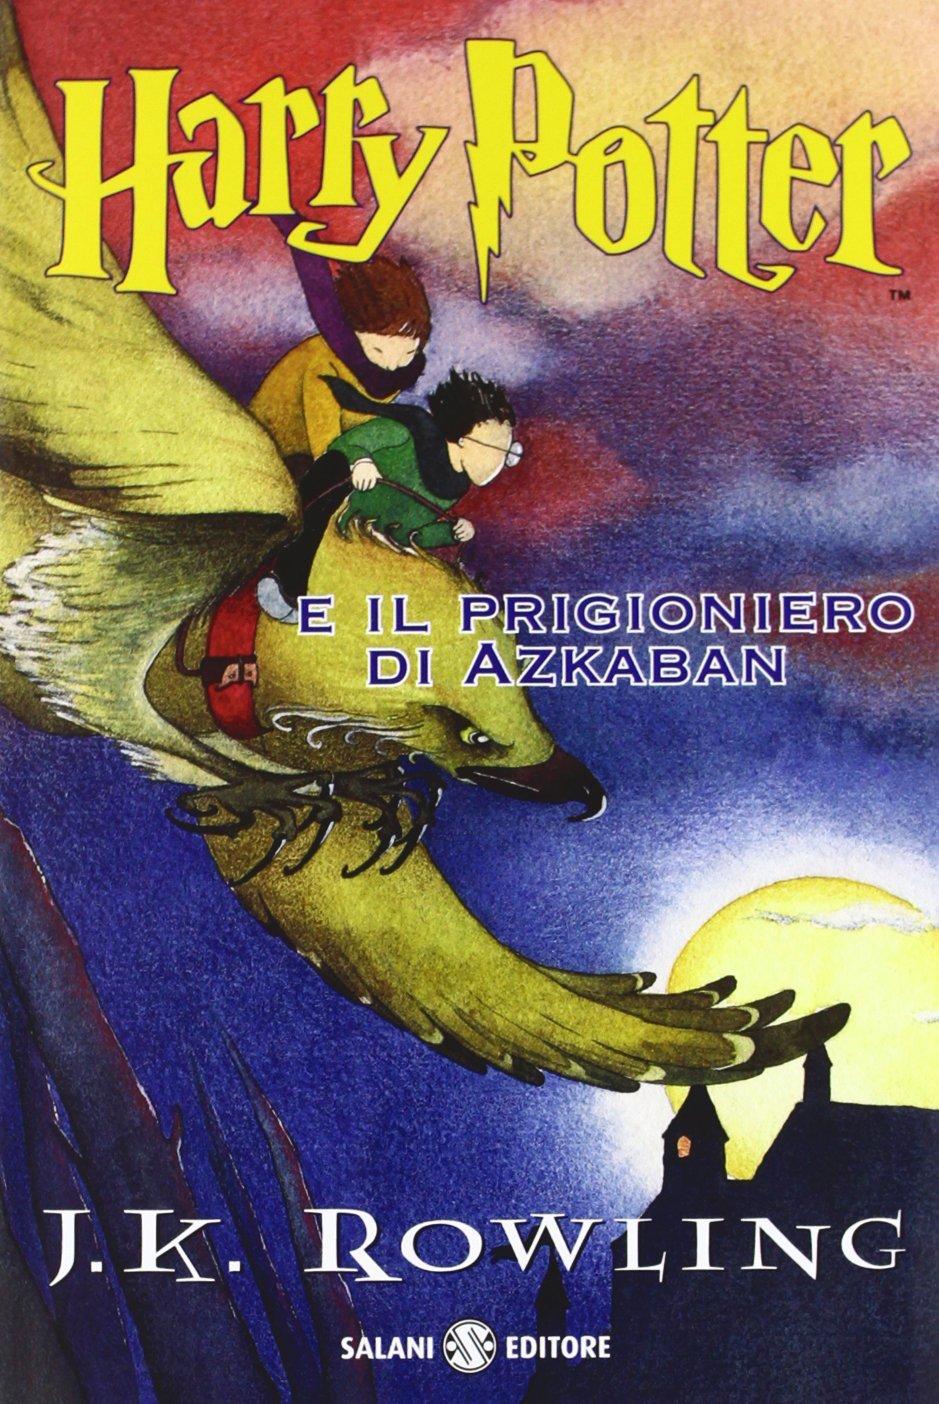 Risultato immagini per harry potter e il prigioniero di azkaban libro